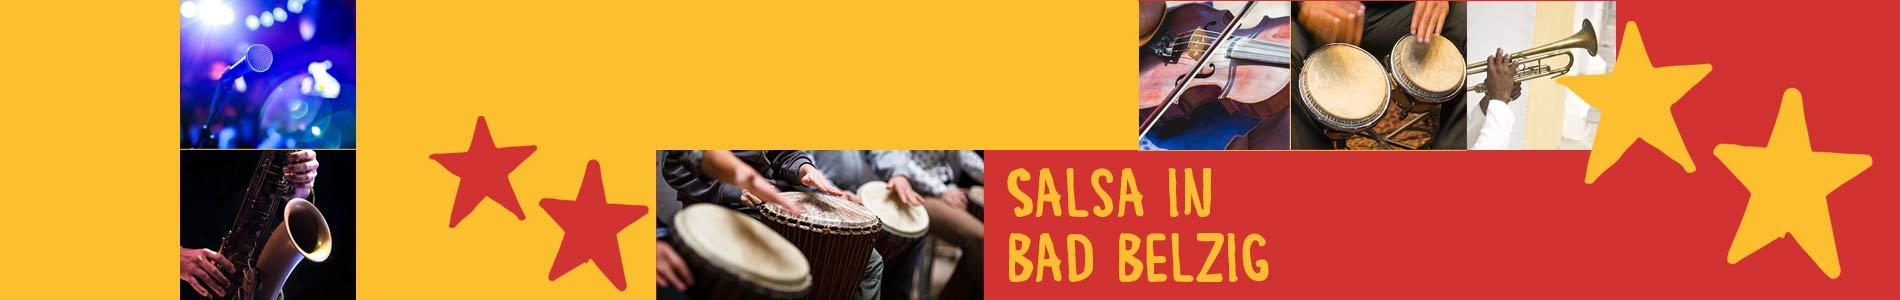 Salsa in Bad Belzig – Salsa lernen und tanzen, Tanzkurse, Partys, Veranstaltungen